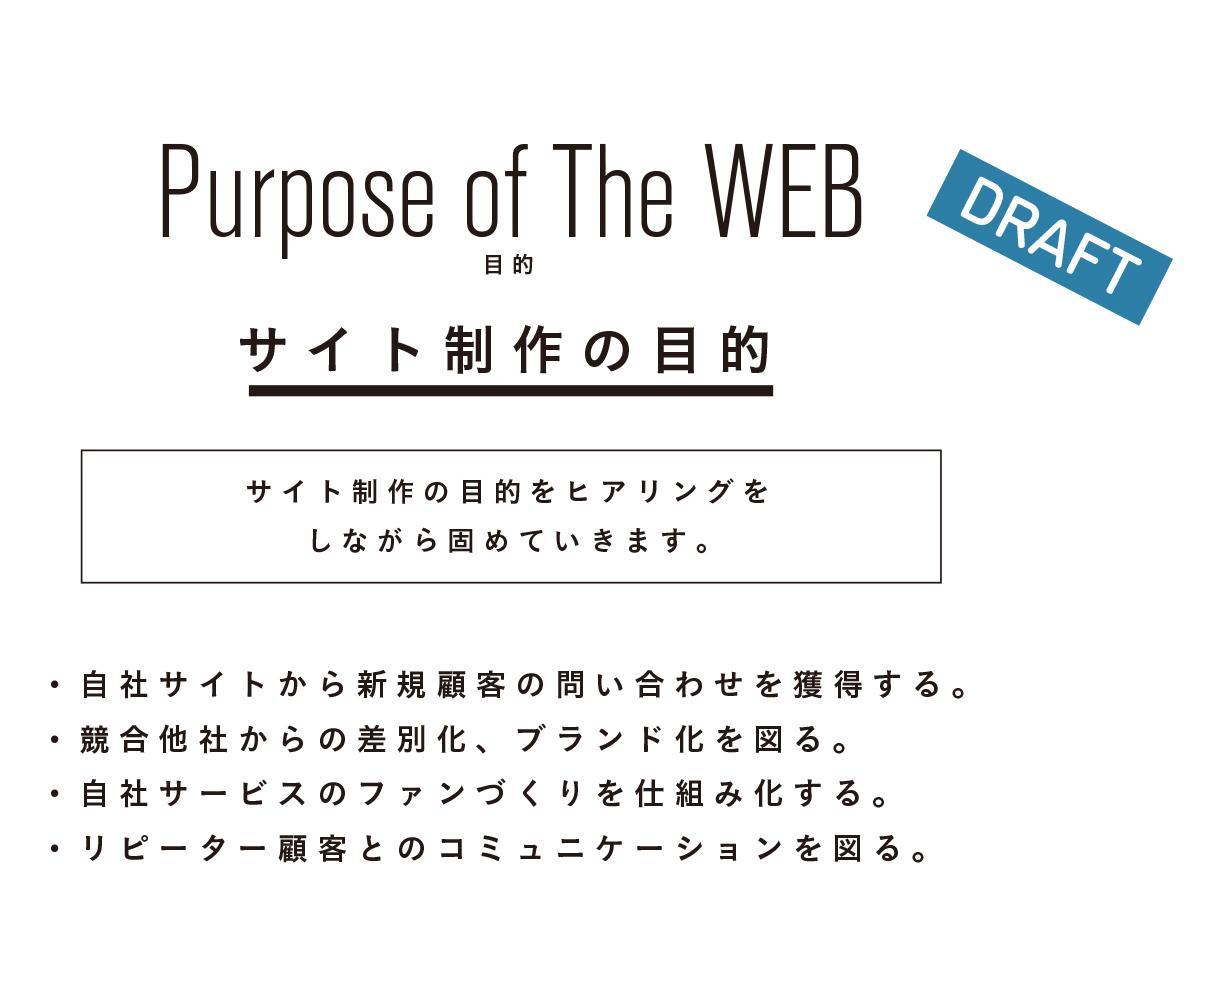 初心者が集客できるWebサイト仕様を一緒に考えます 要望をヒヤリングし、WEB仕様・構成を一緒にお作ります